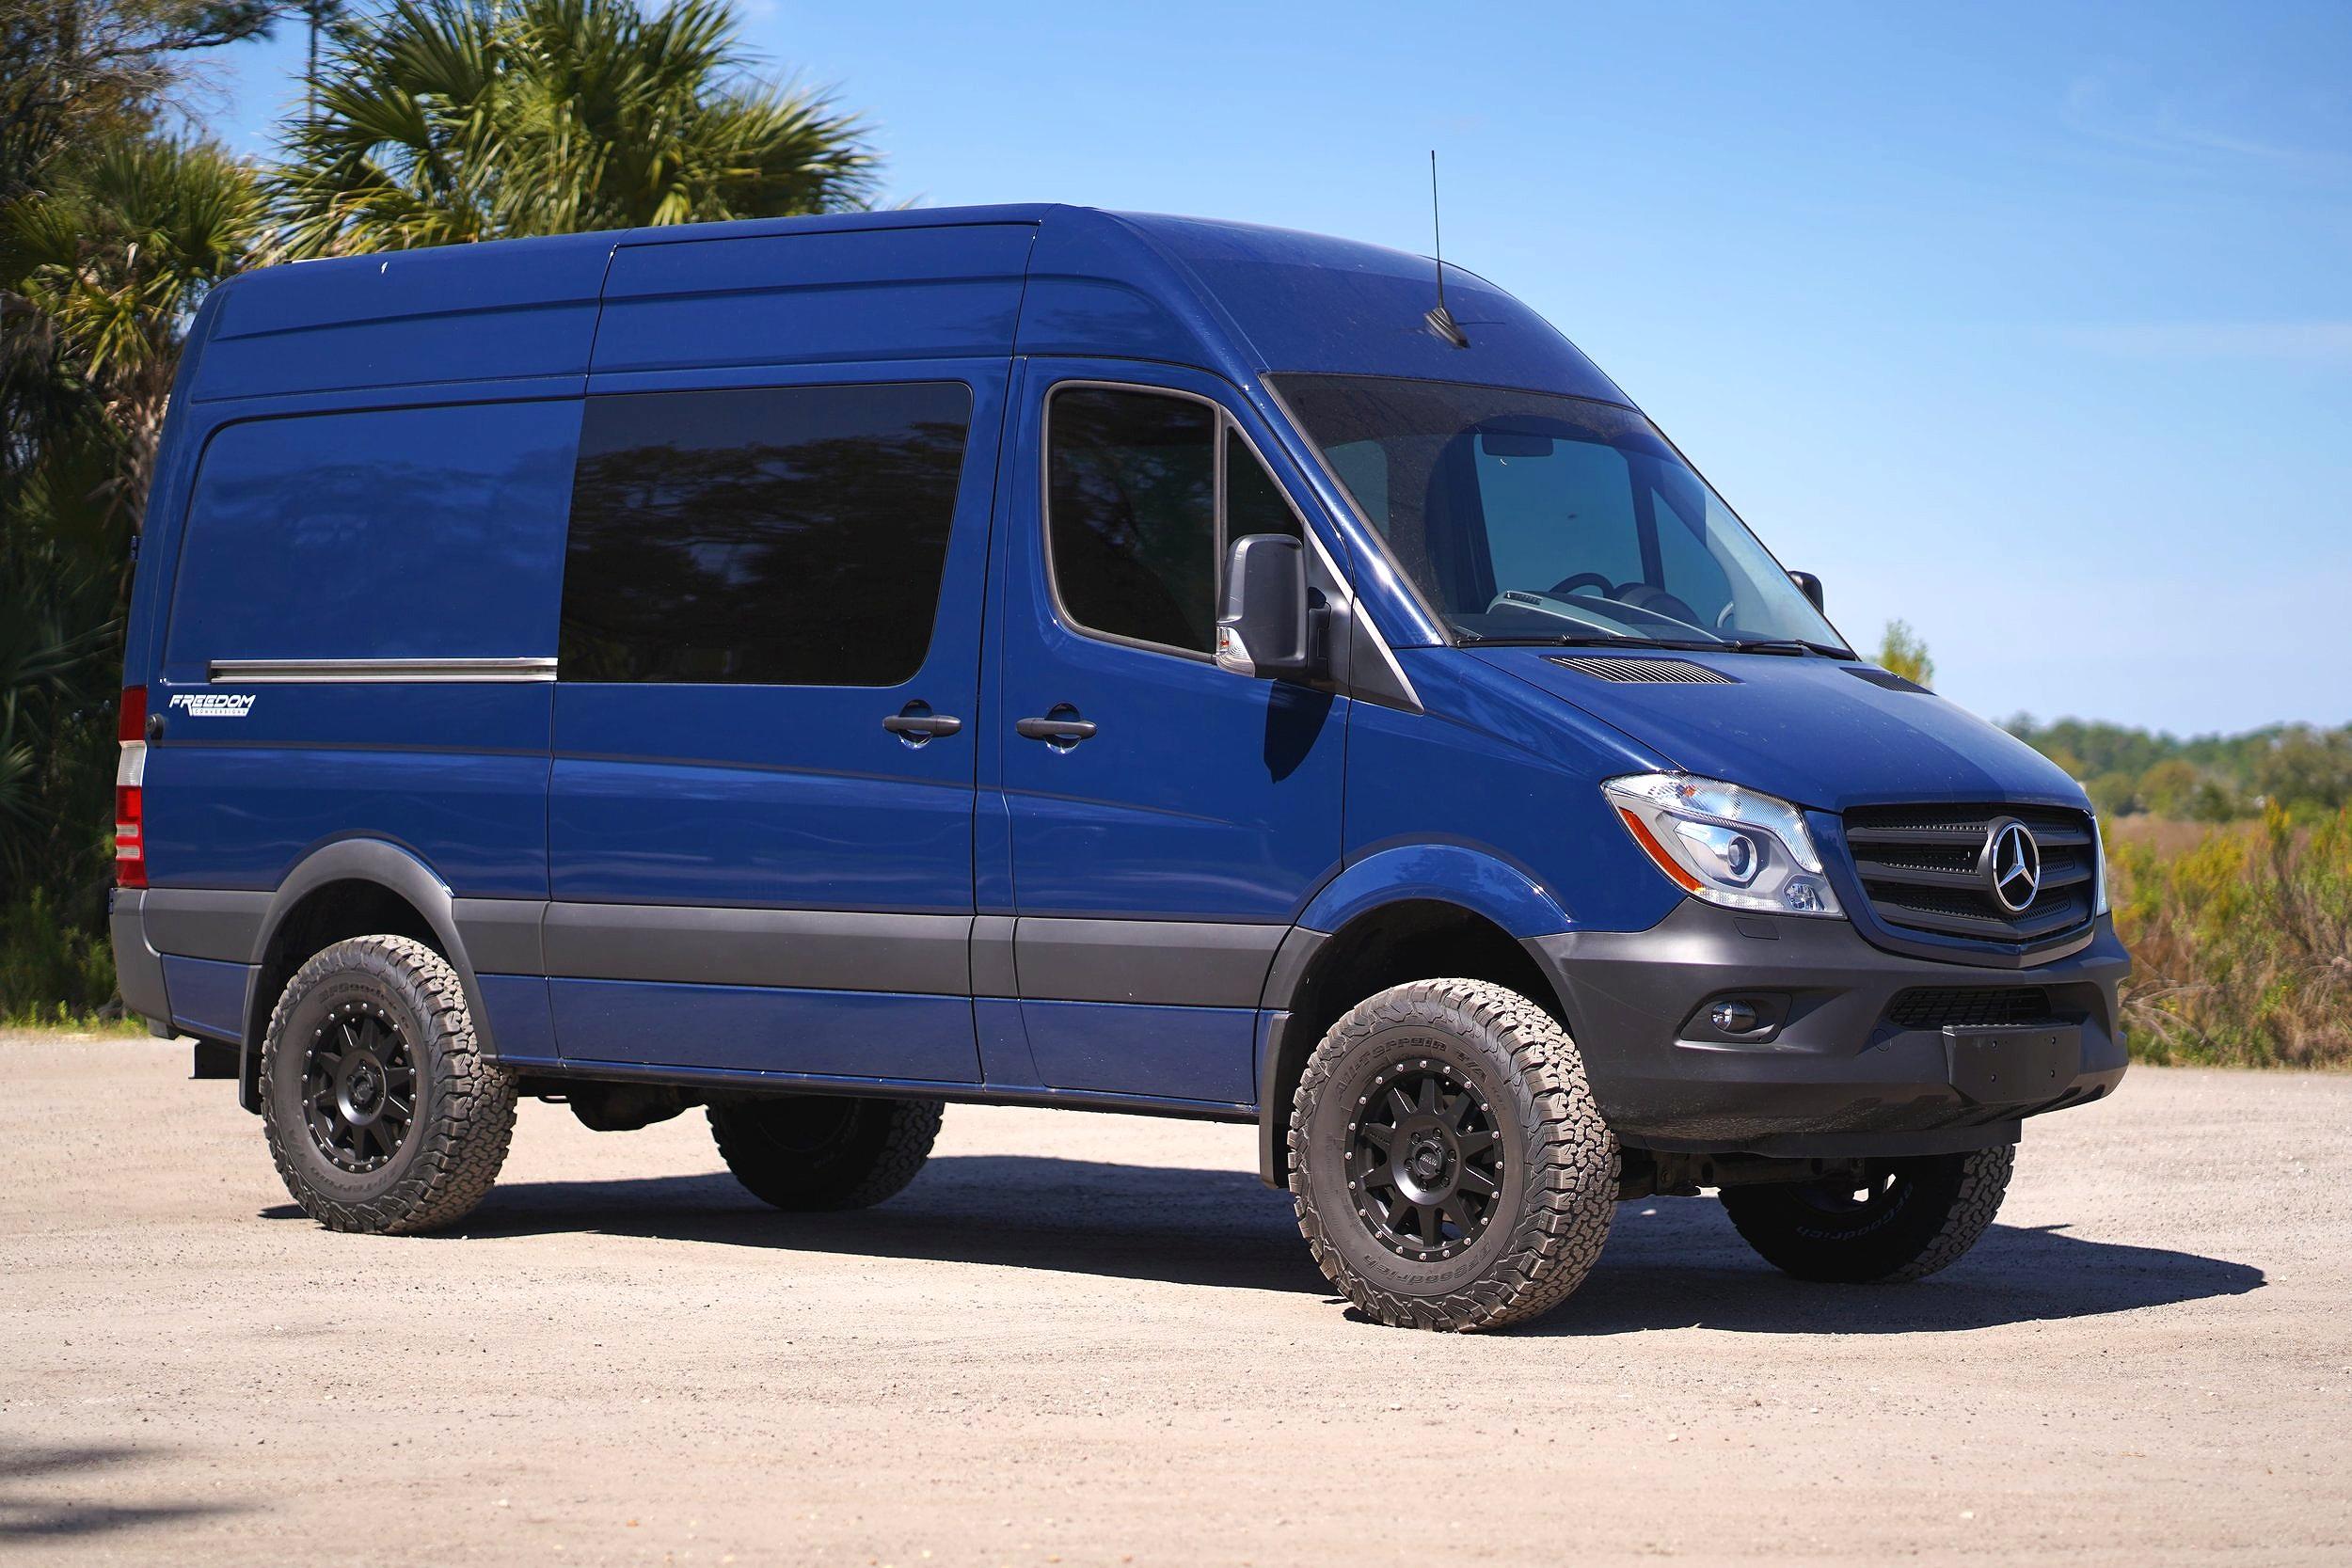 Freedom Conversions 4x4 Van - Camping - Camper Van